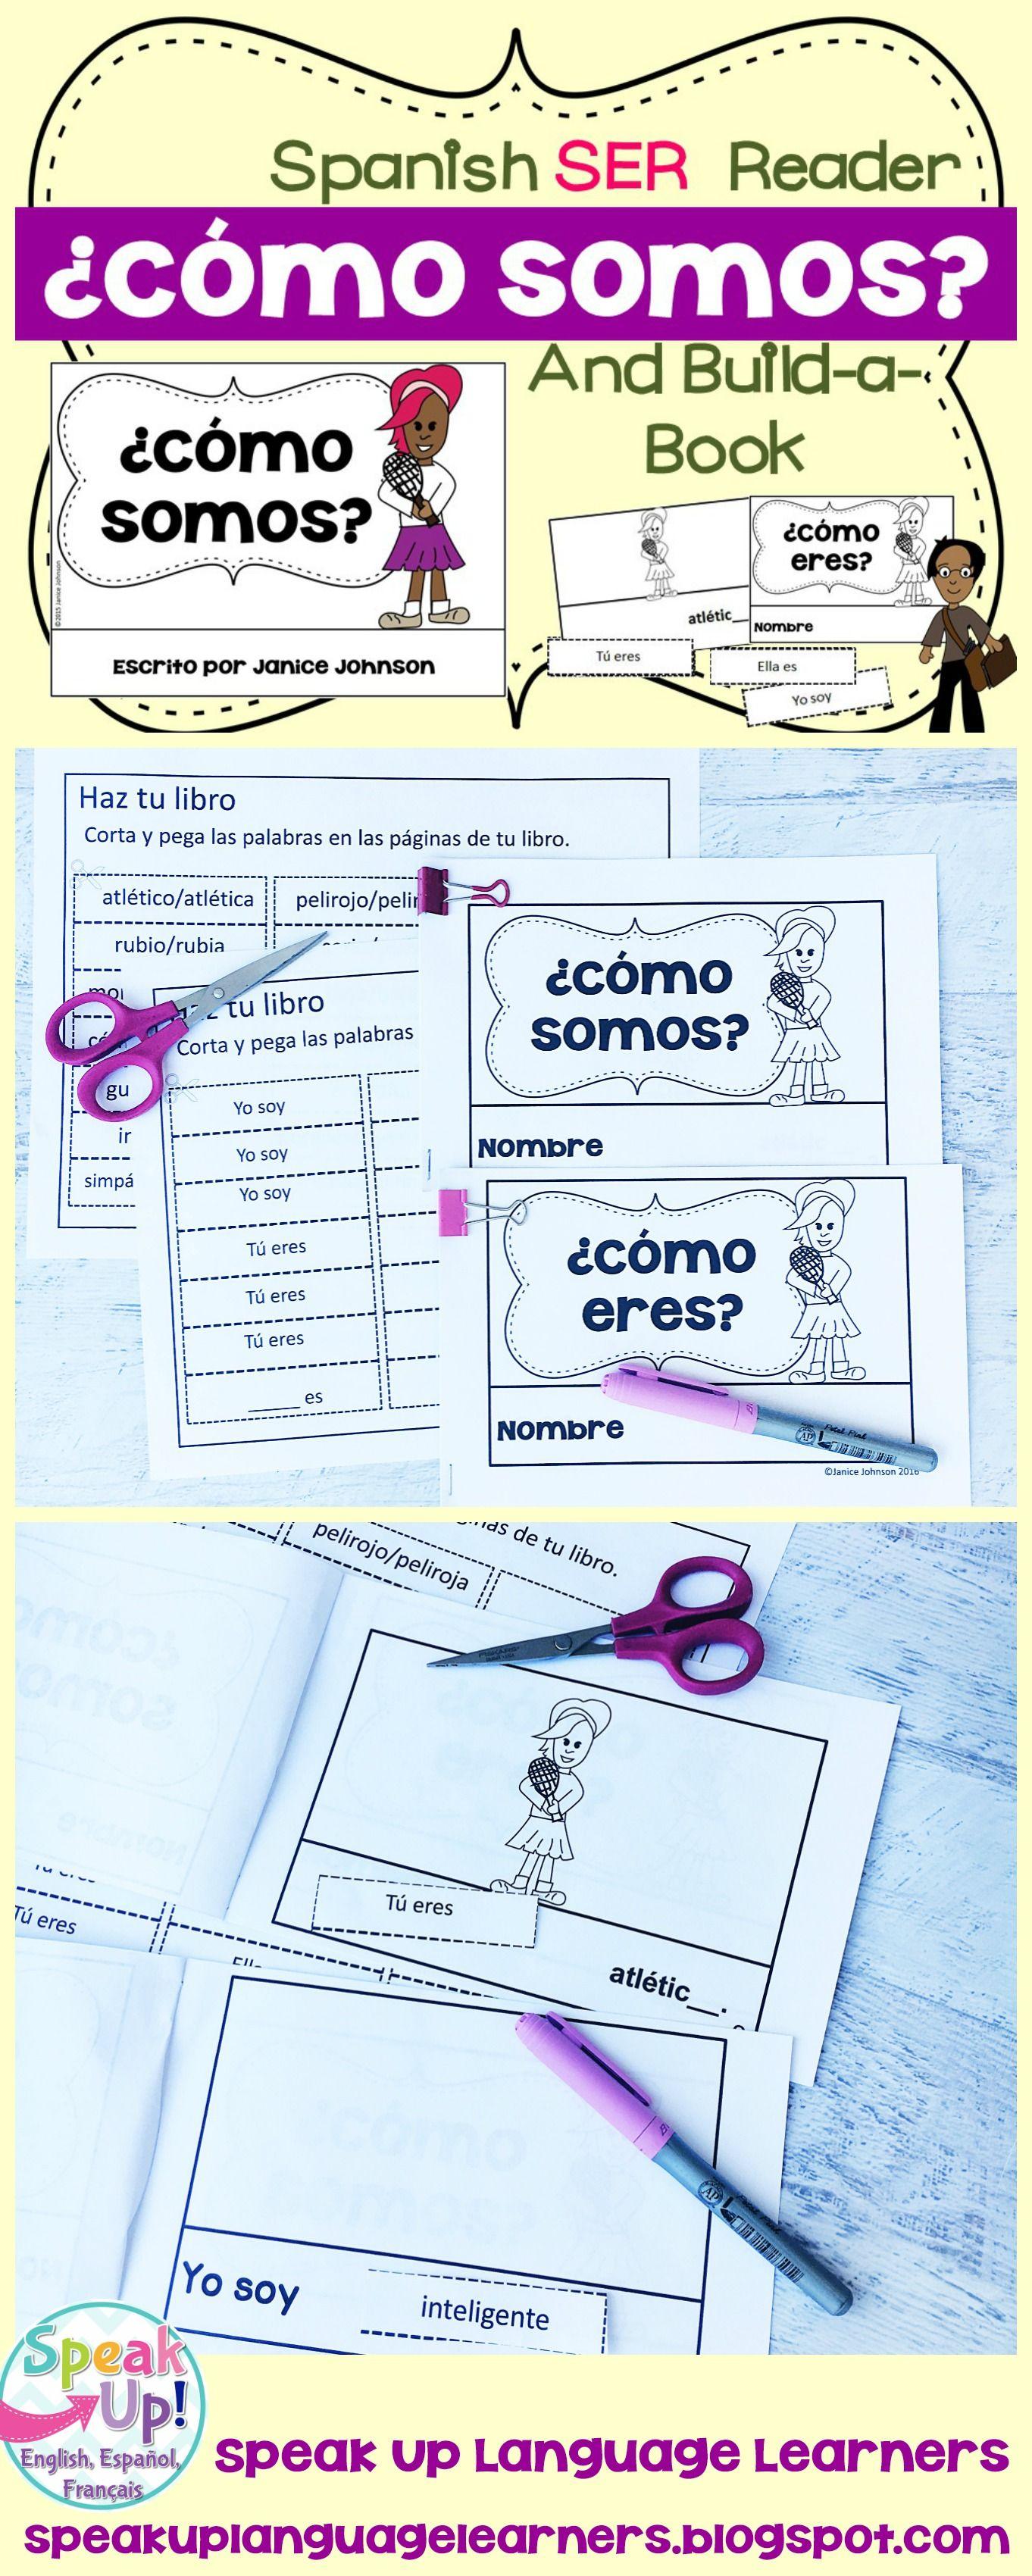 Cómo Somos? Spanish Verb Ser Adjective Reader & Build-A-Book